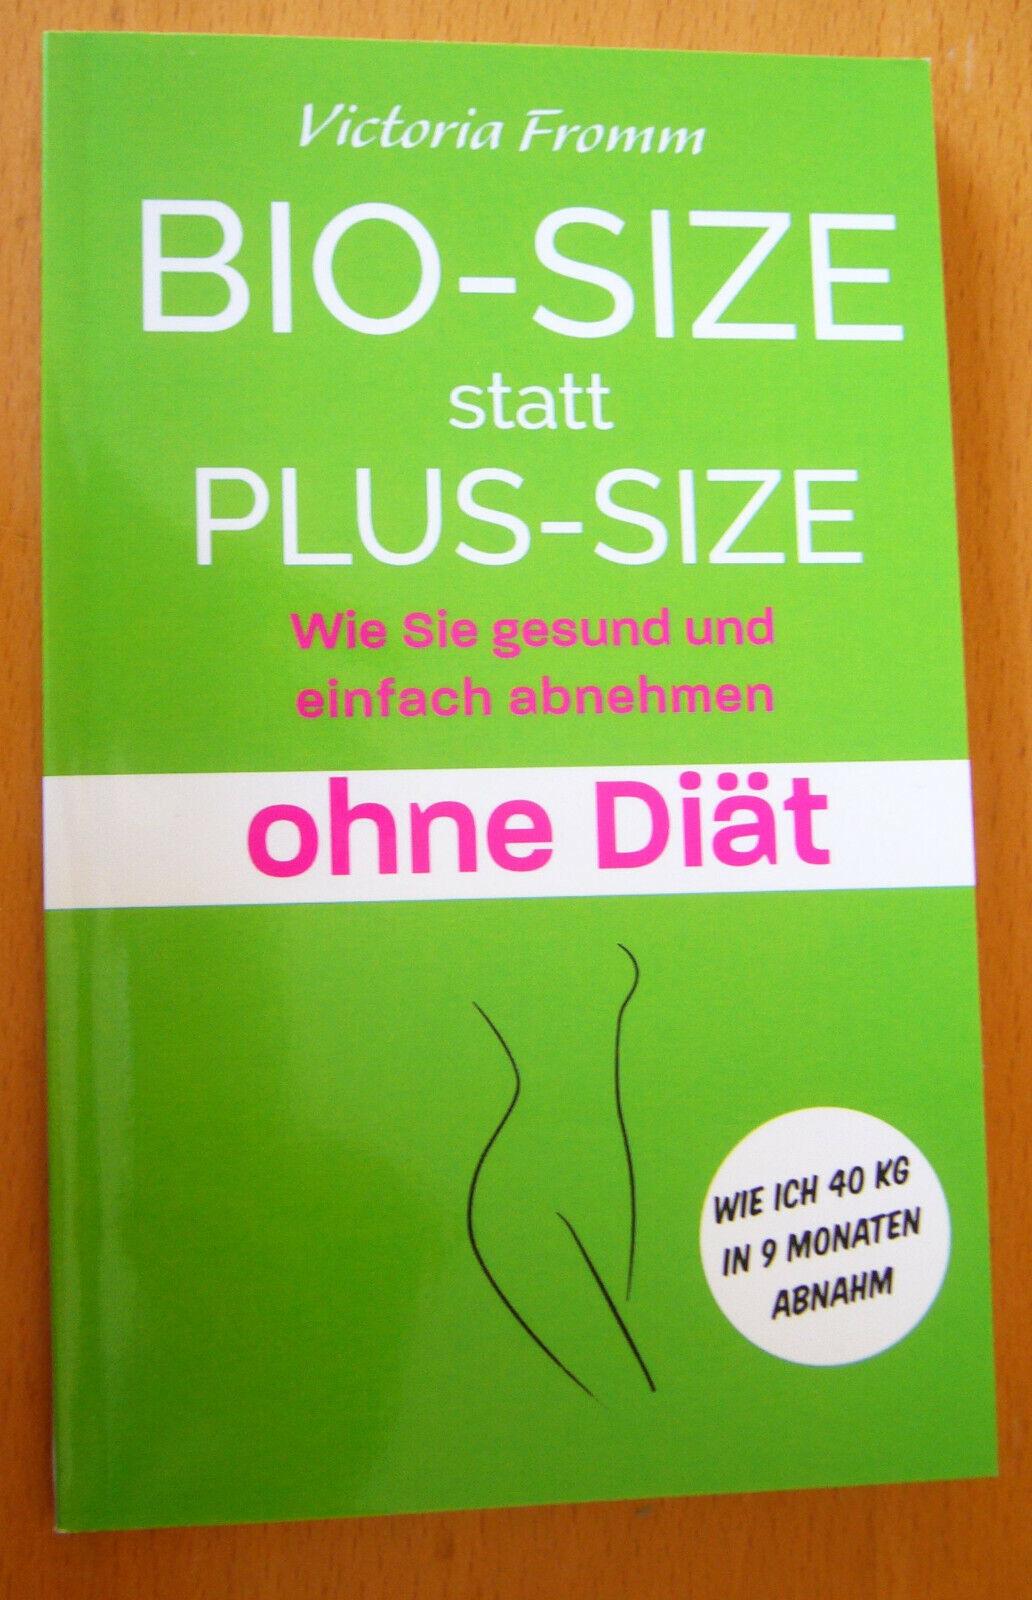 Bio-Size statt Plus-Size - gesund + einfach abnehmen ohne Diät - V. Fromm NEU